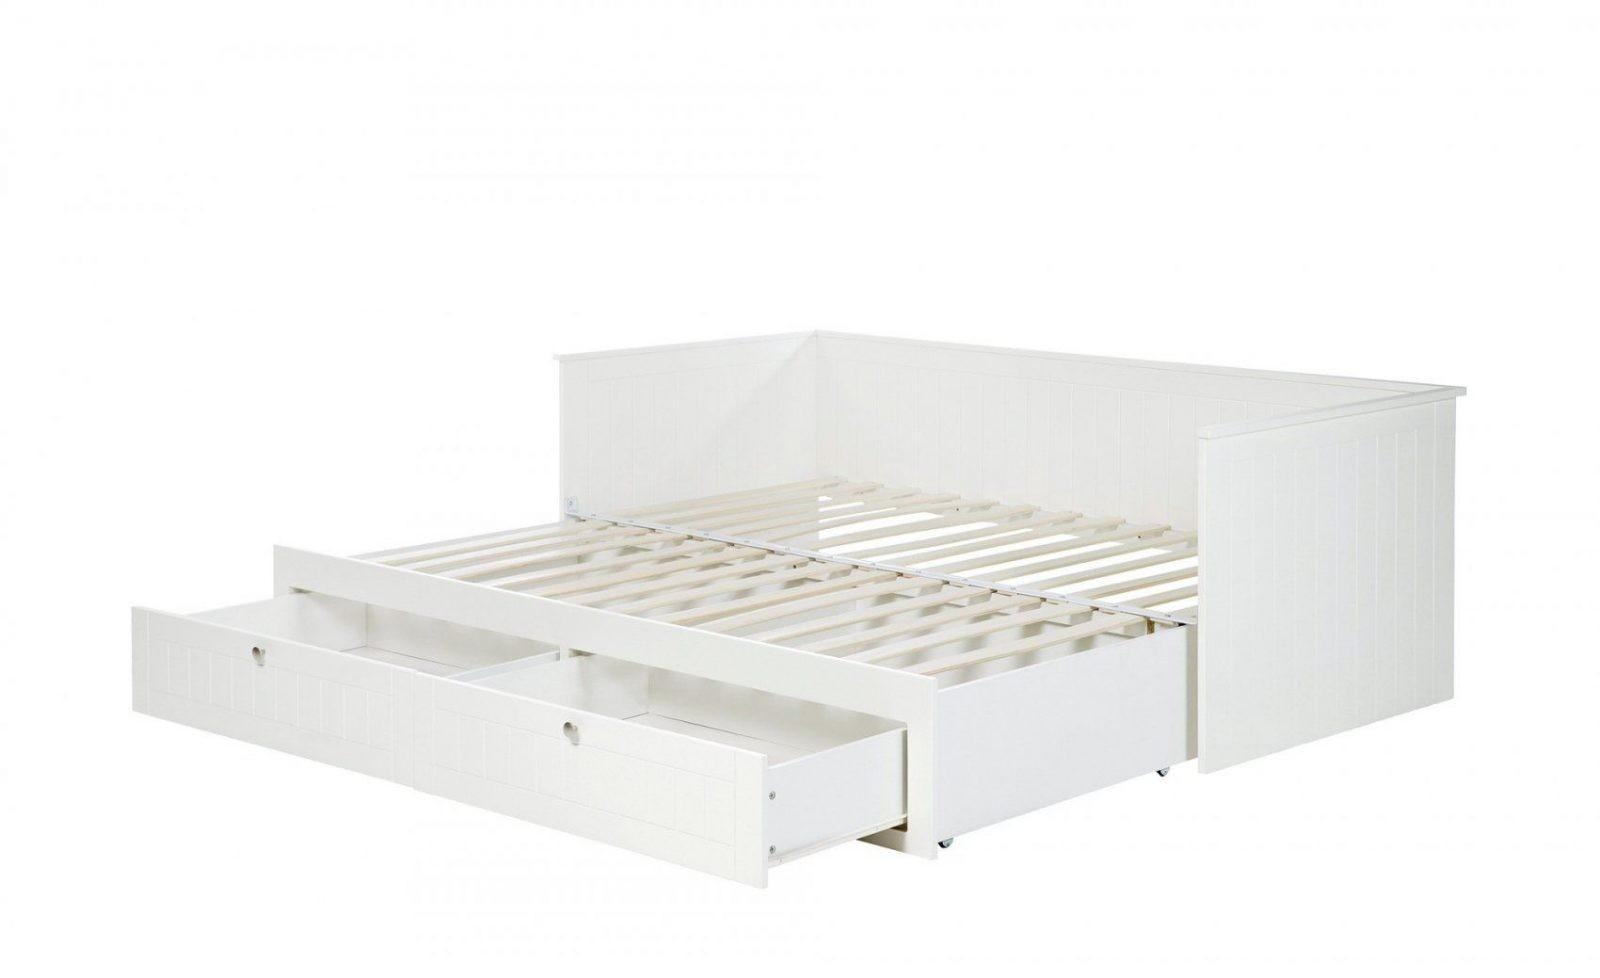 22 Cute Wand Über Bett Ausziehbar Gleiche Höhe  Beste Sammlung Von von Bett Zum Ausziehen Auf Gleicher Höhe Bild